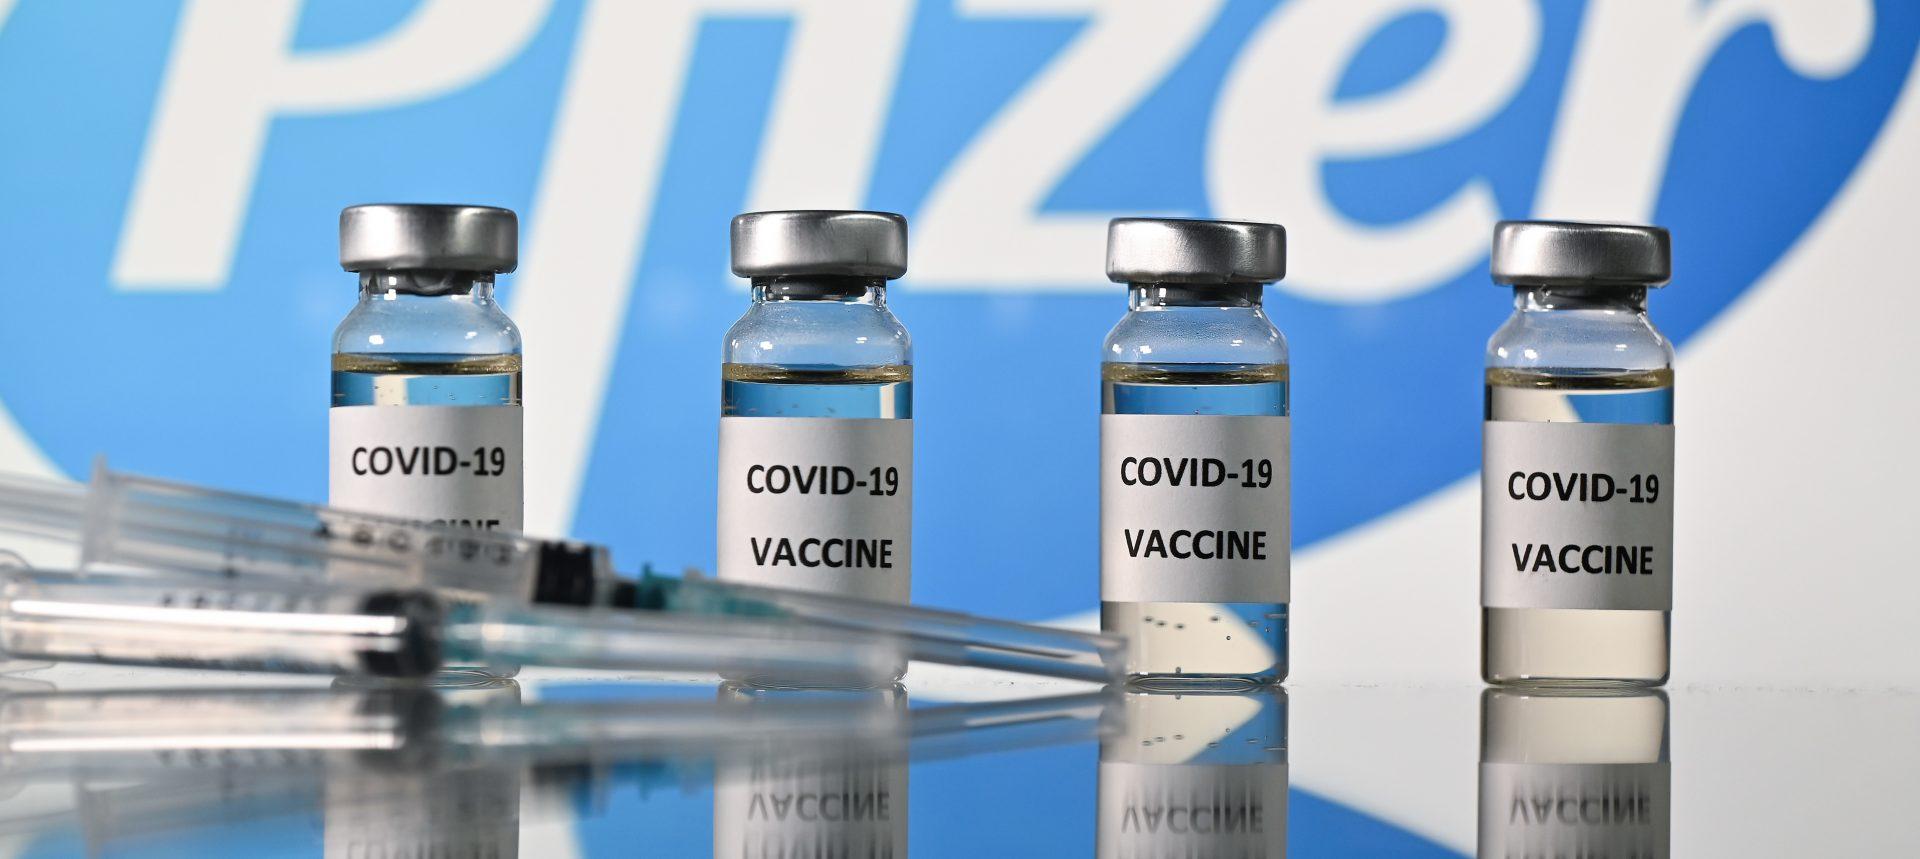 covid vaccine - photo #10